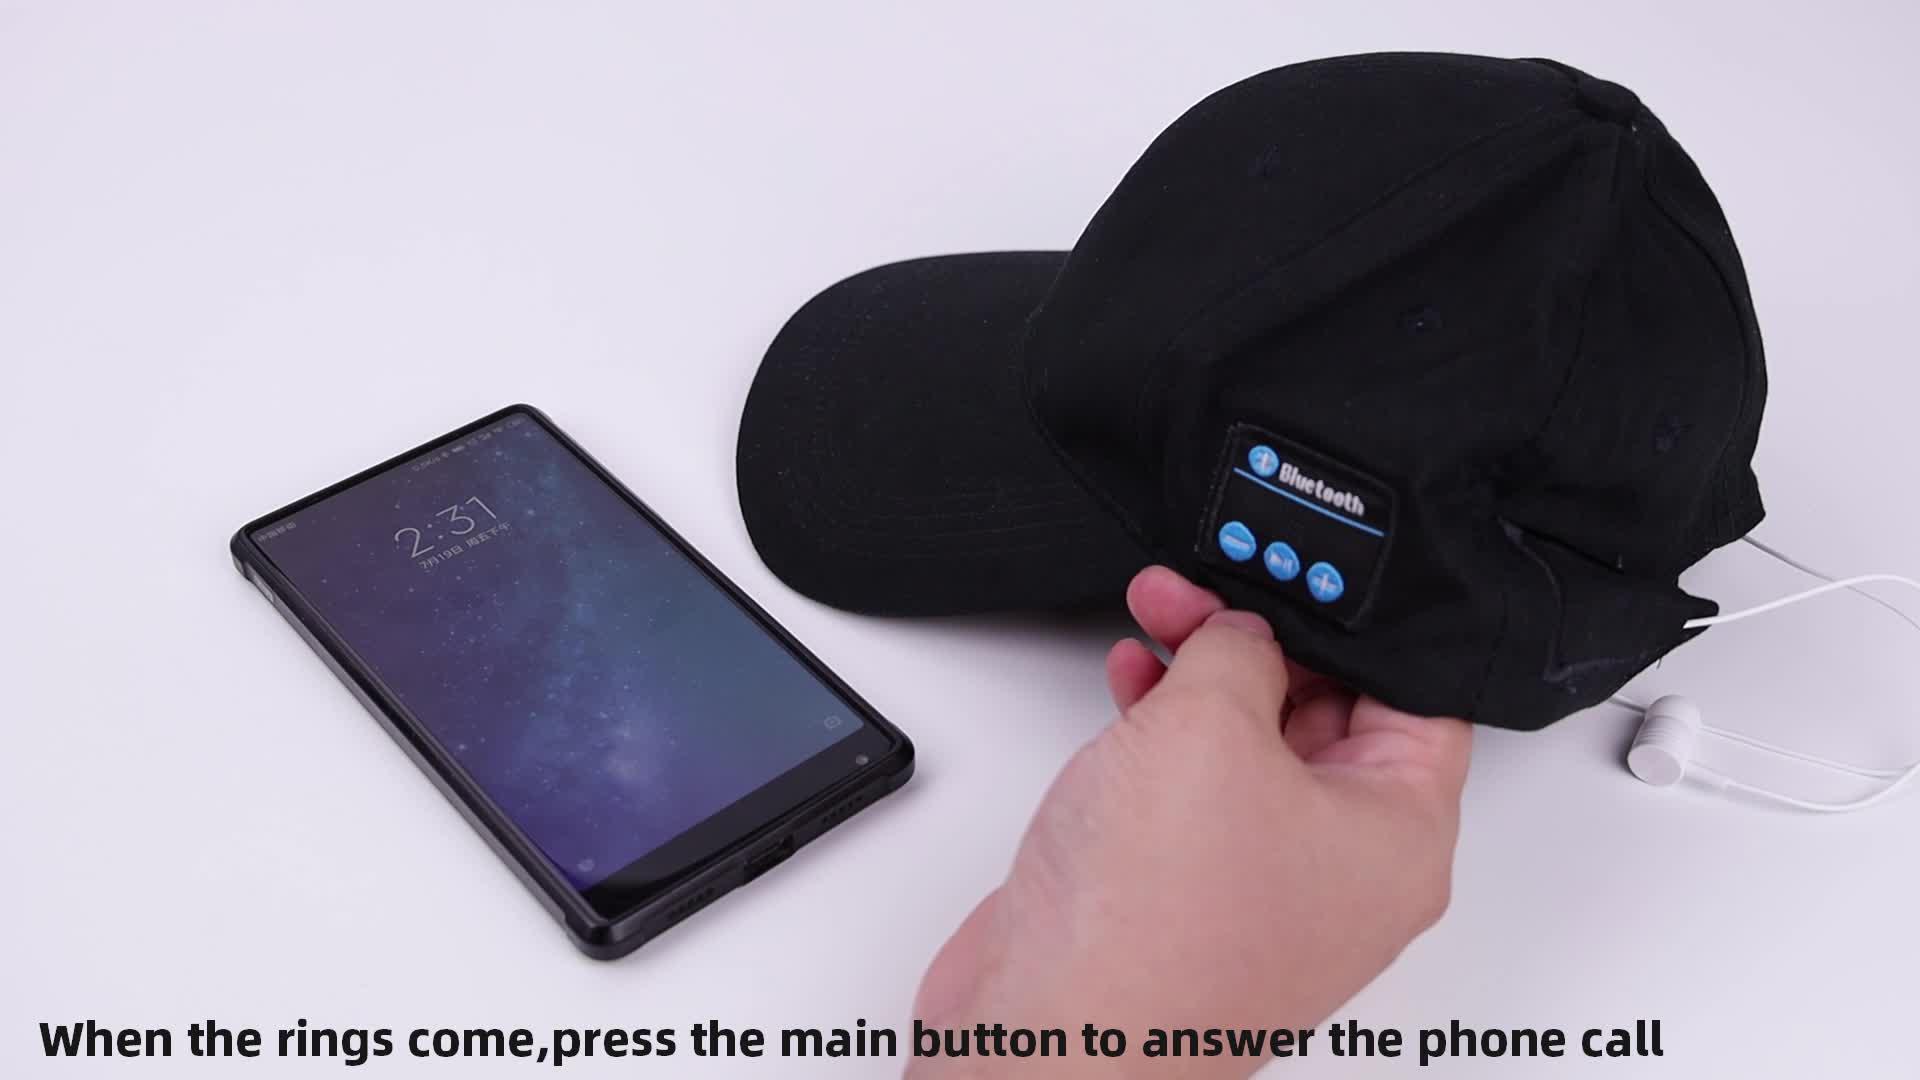 प्रोमोशनल काले 100% कपास स्मार्ट बेसबॉल सूरज टोपी ईरफ़ोन ईरफ़ोन में बनाया